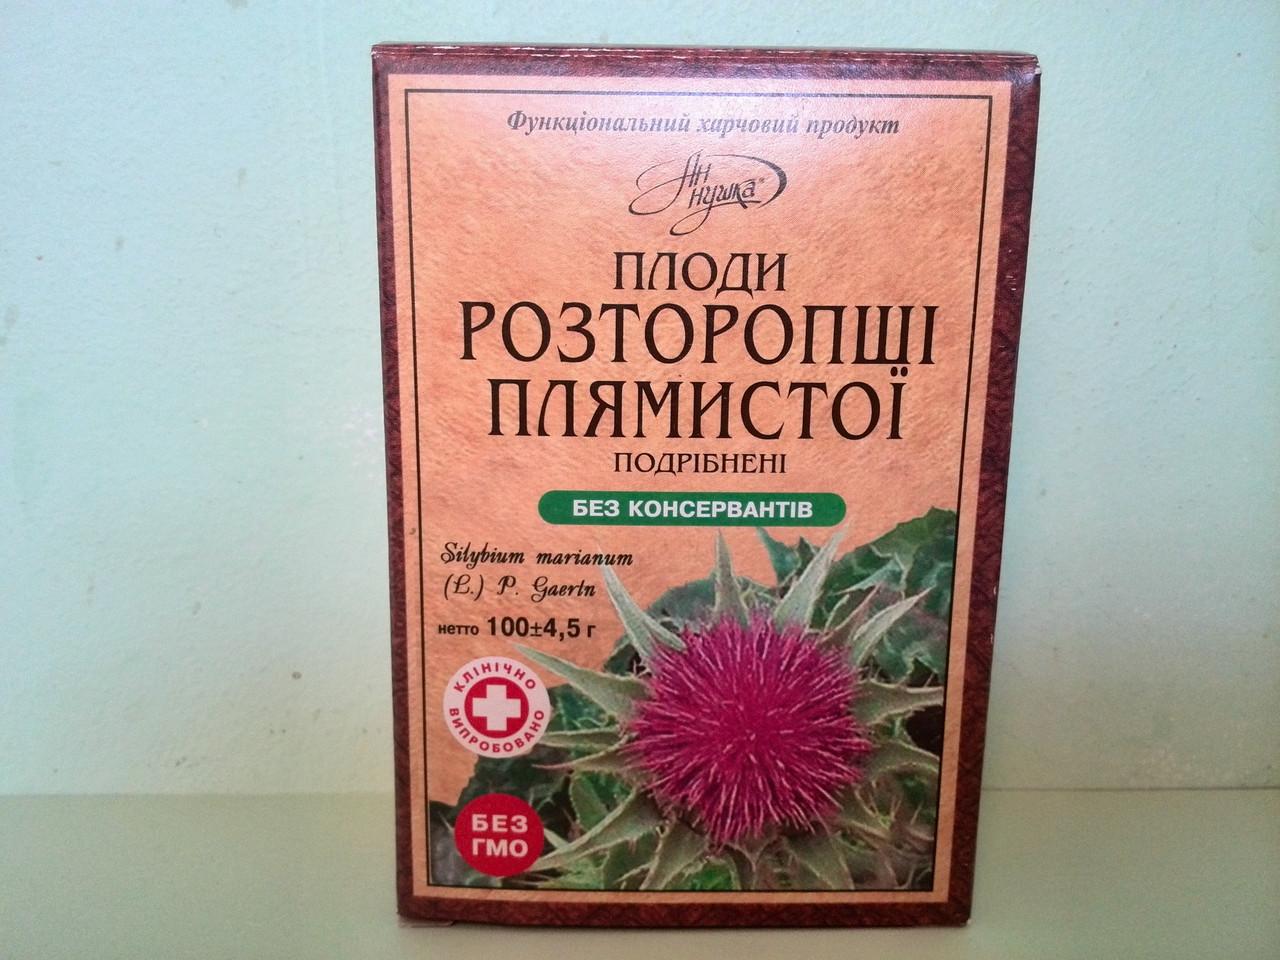 Плоды расторопши пятнистой (измельченные), 100г.